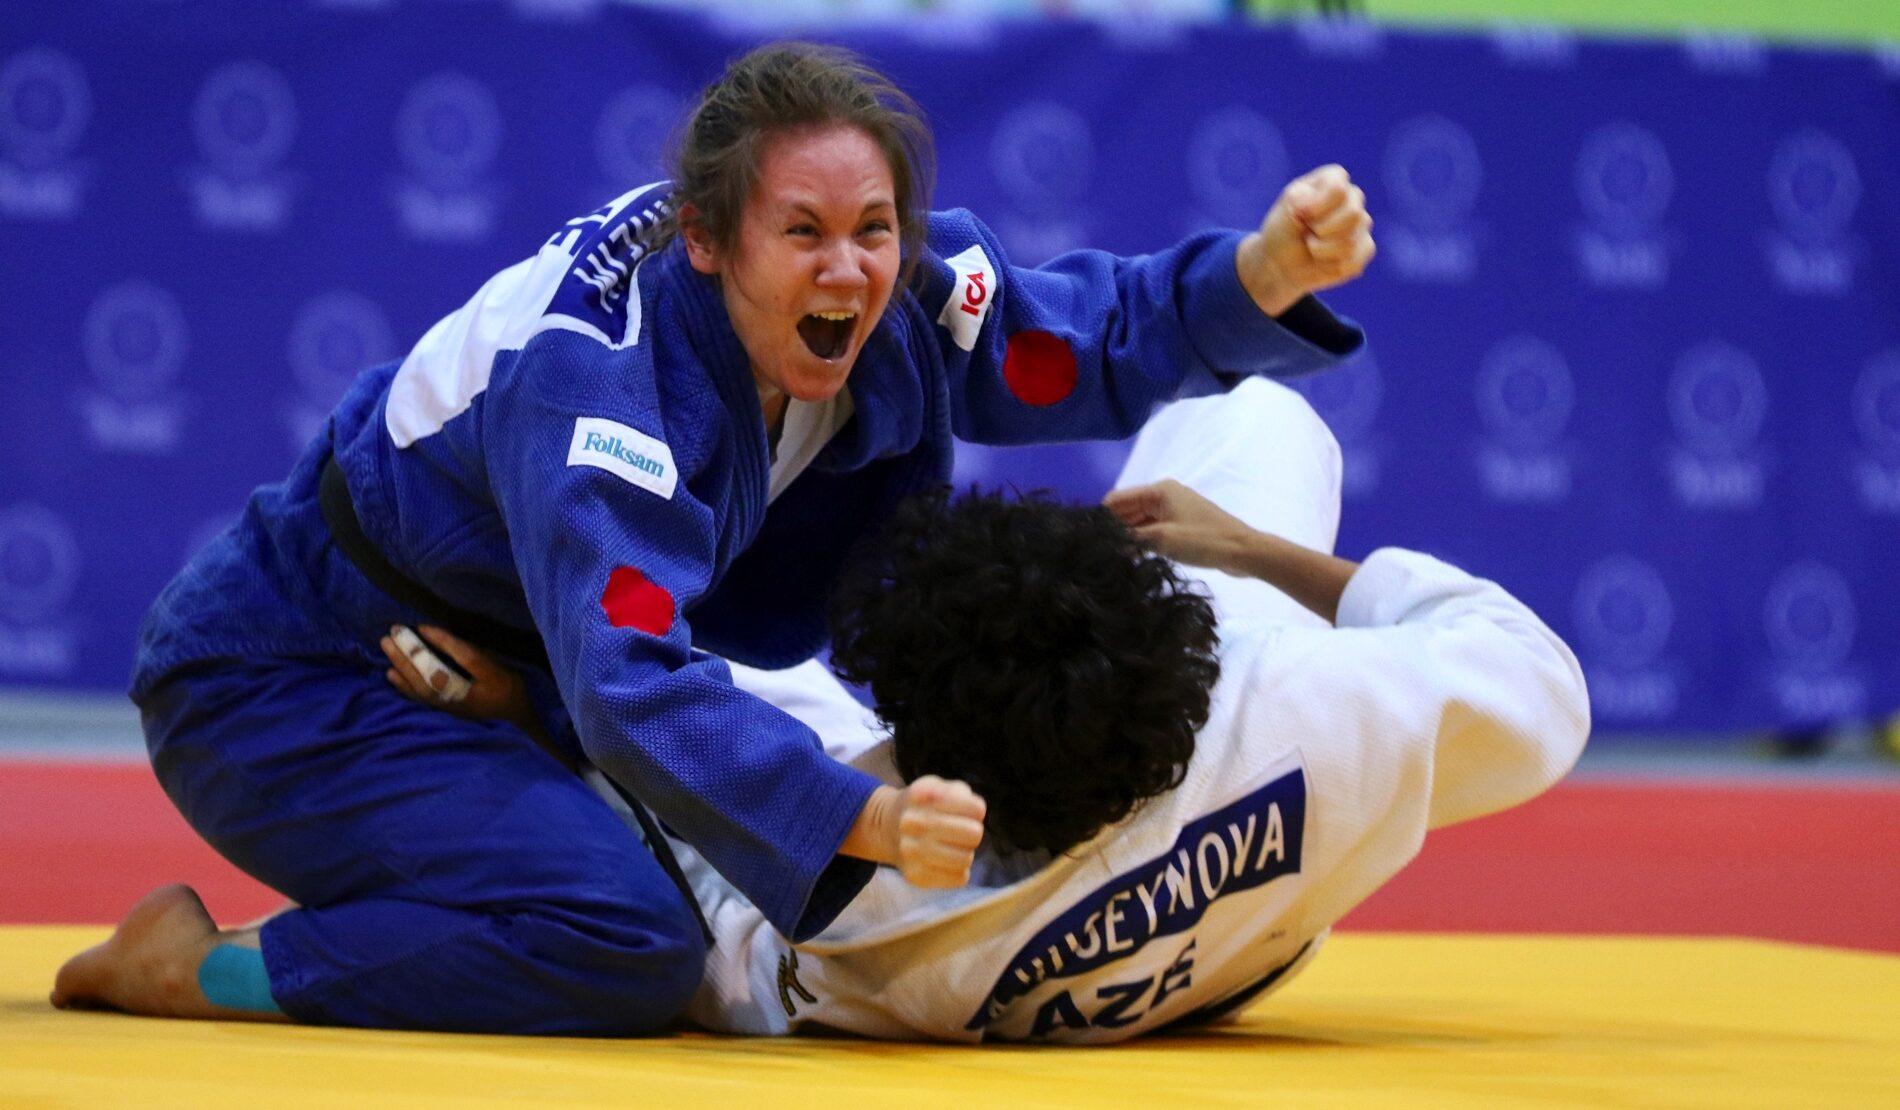 Judokan Nicolina Pernheim.